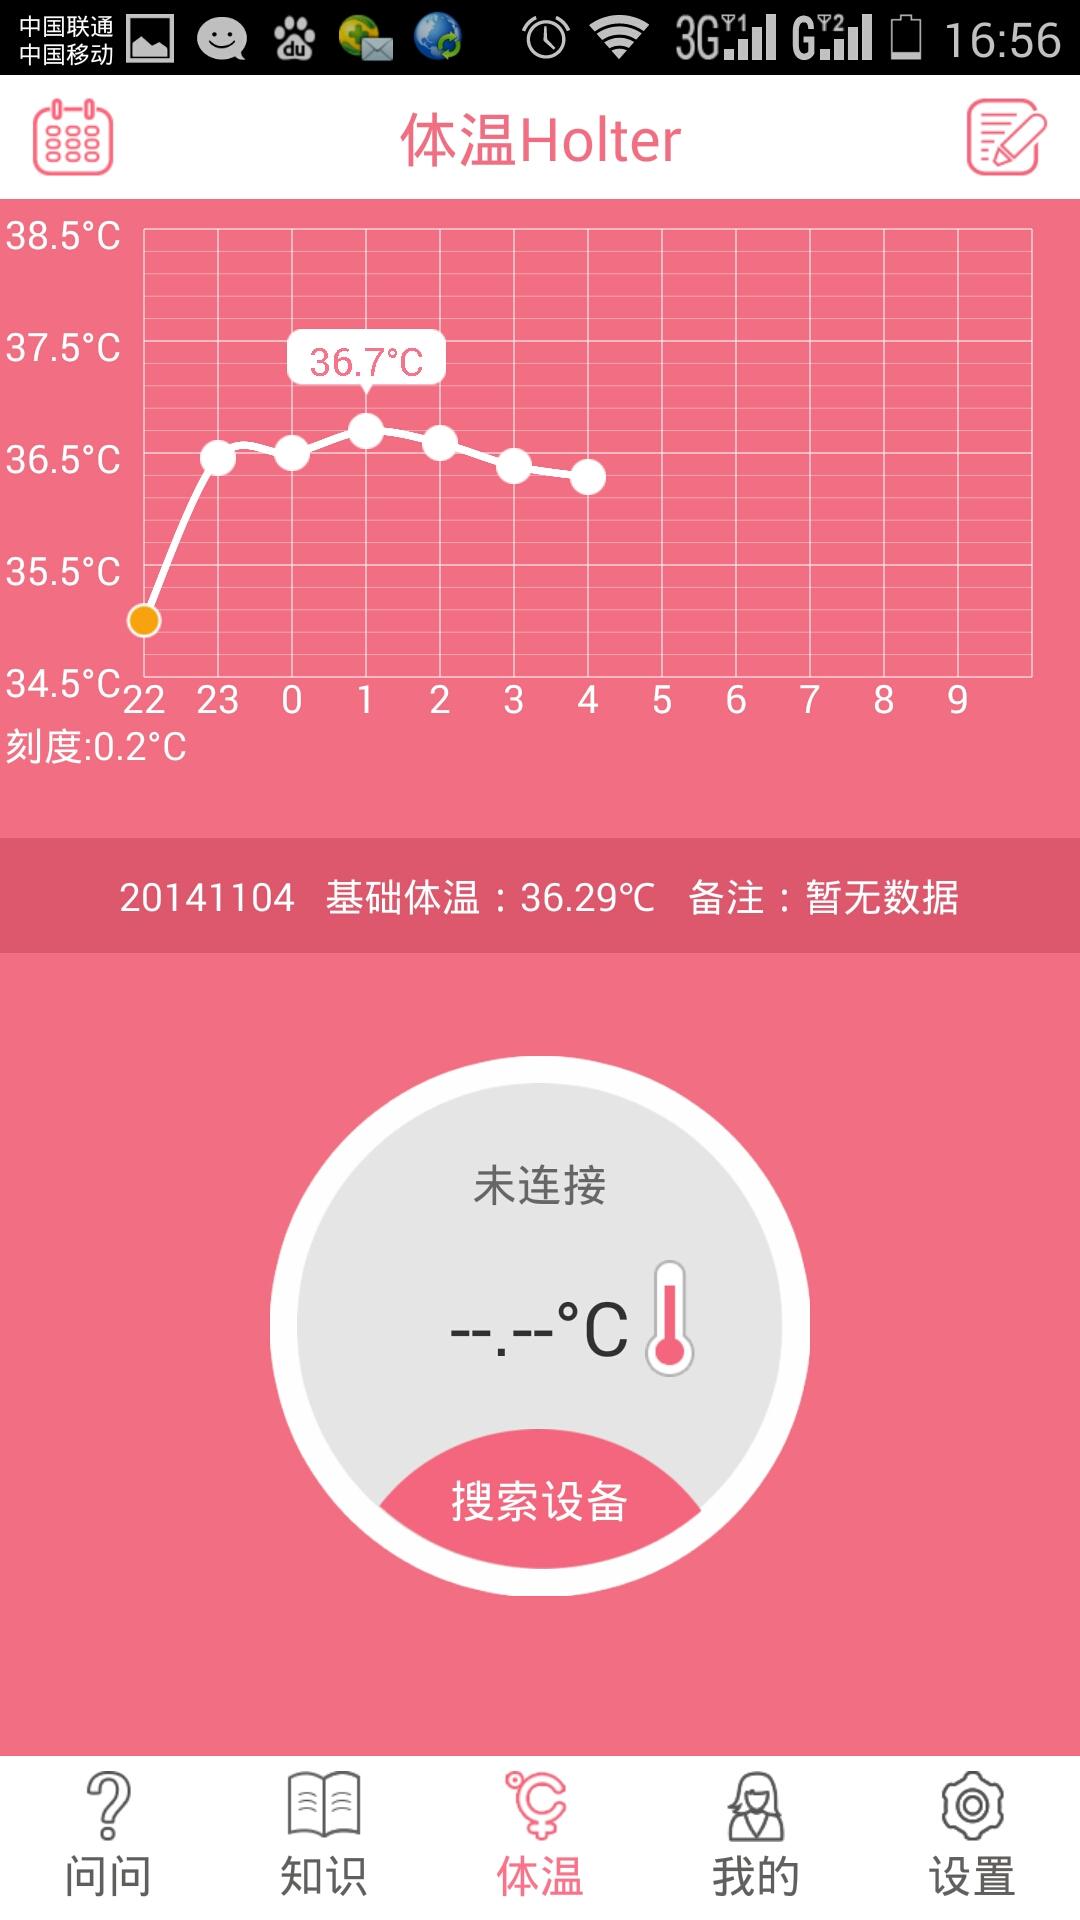 体温 Holter